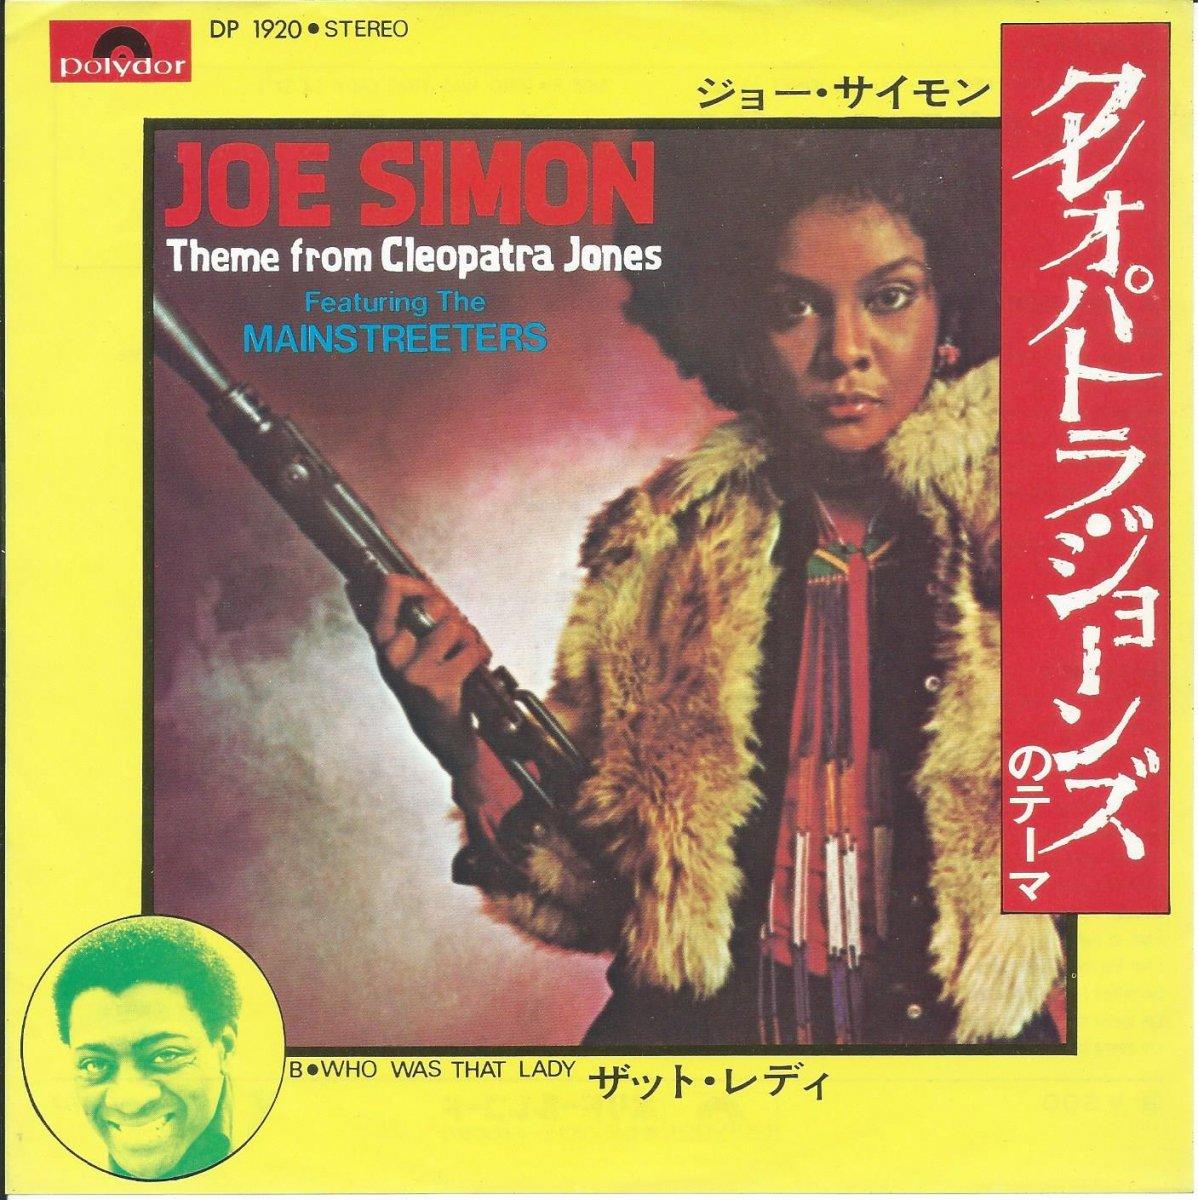 ジョー・サイモン JOE SIMON / クレオパトラ・ジョーンズのテーマ THEME FROM CLEOPATRA JONES (7